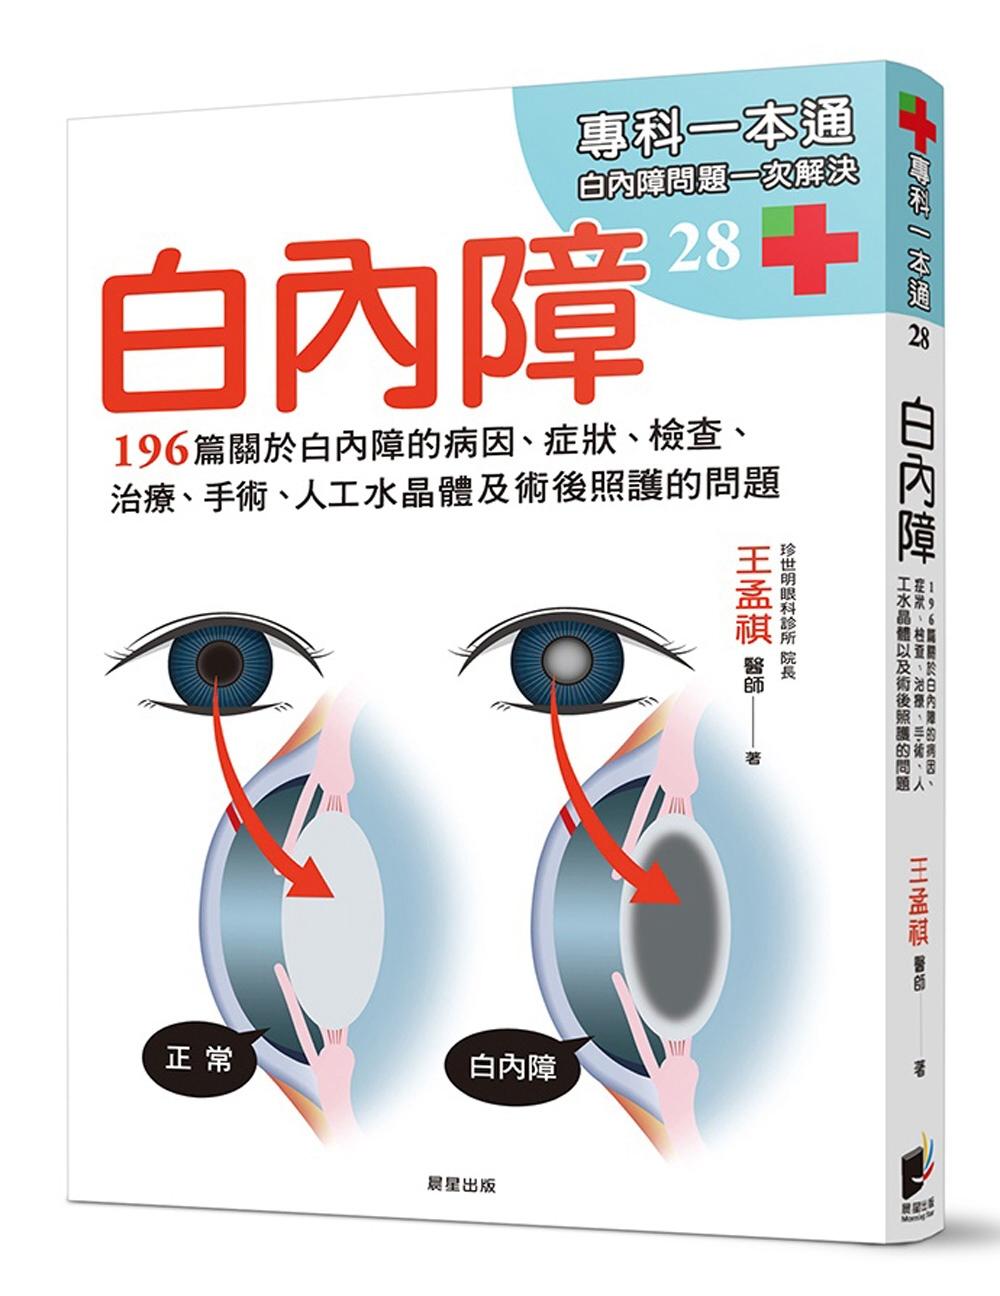 ◤博客來BOOKS◢ 暢銷書榜《推薦》白內障:196篇關於白內障的病因、症狀、檢查、治療、手術、人工水晶體以及術後照護的問題